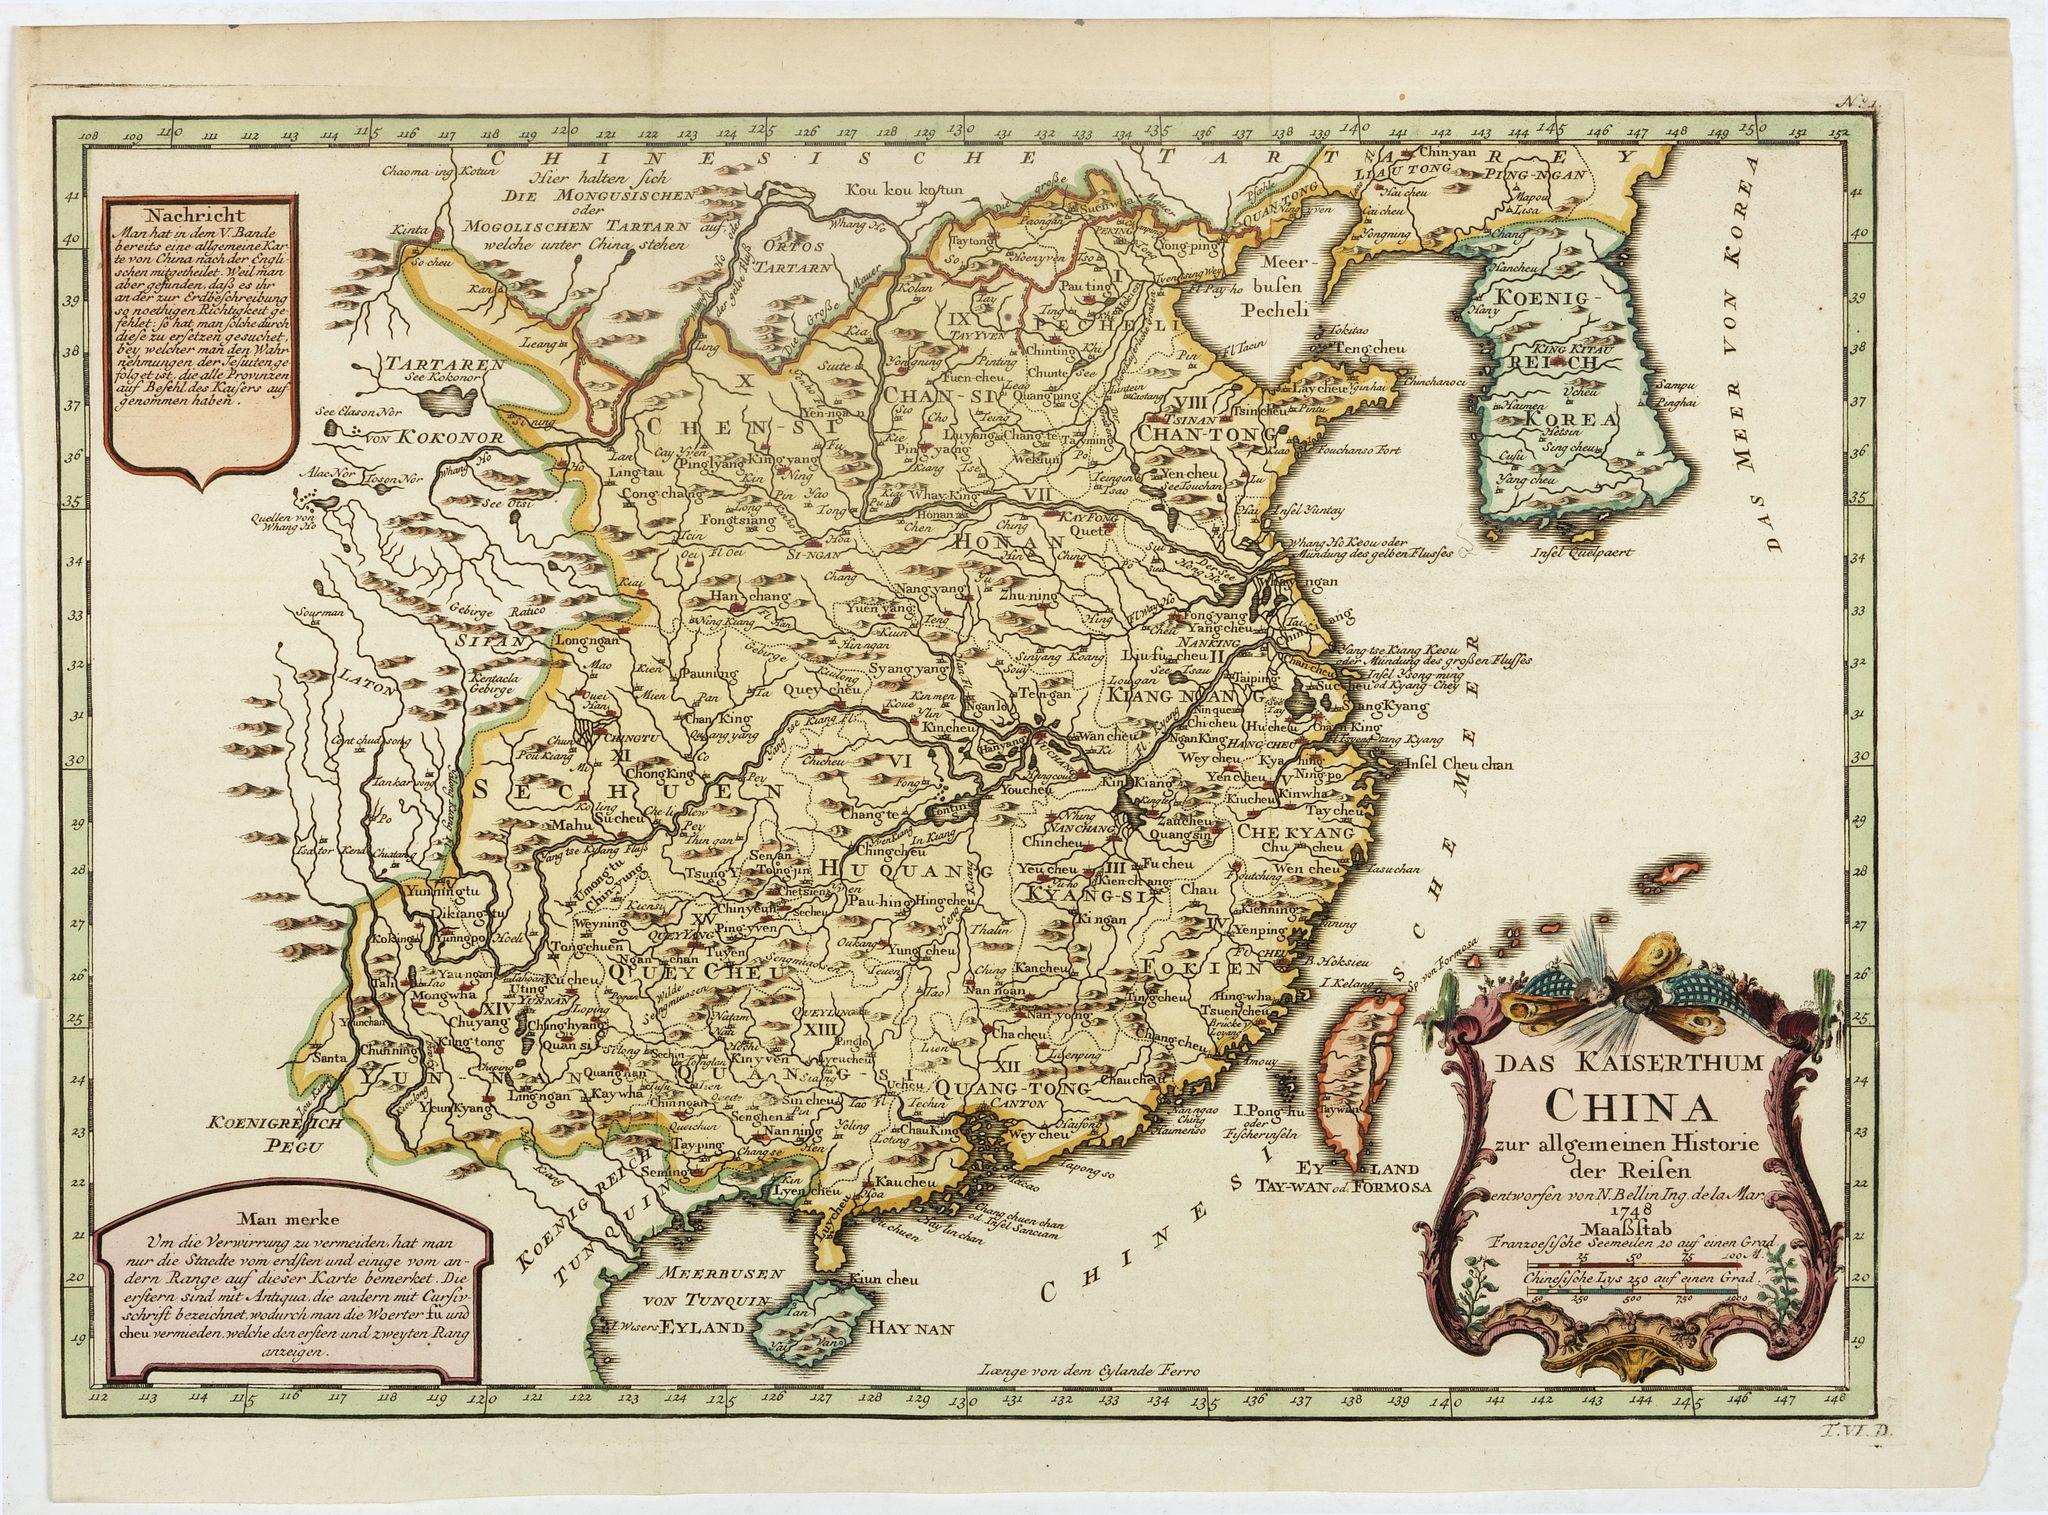 BELLIN, J.N. -  Das Kaiserthum China zur allgemeinen Historie der Reisen - entworfen von N. Bellin Ing. De la Mar. 1748.